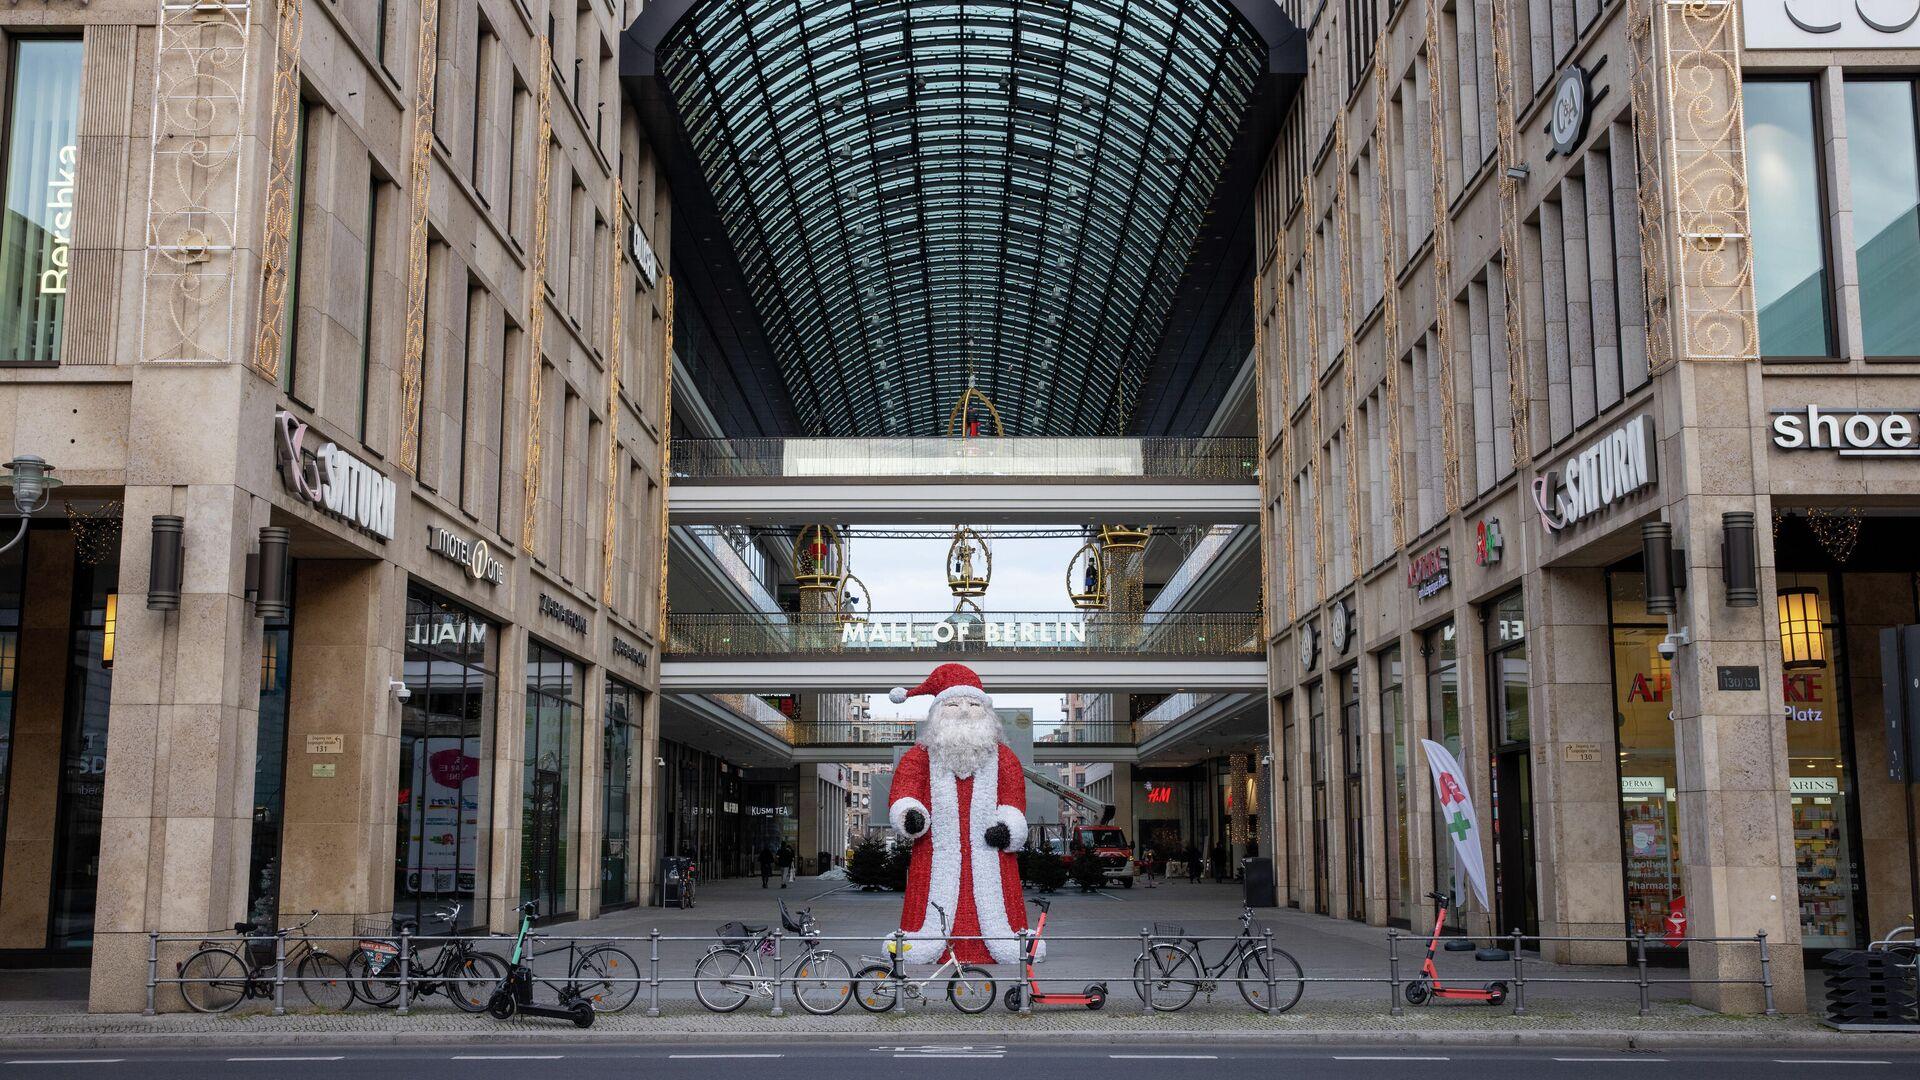 Торговый центр Mall of Berlin во время общенационального локдауна из-за второй волны пандемии коронавируса  - РИА Новости, 1920, 21.03.2021